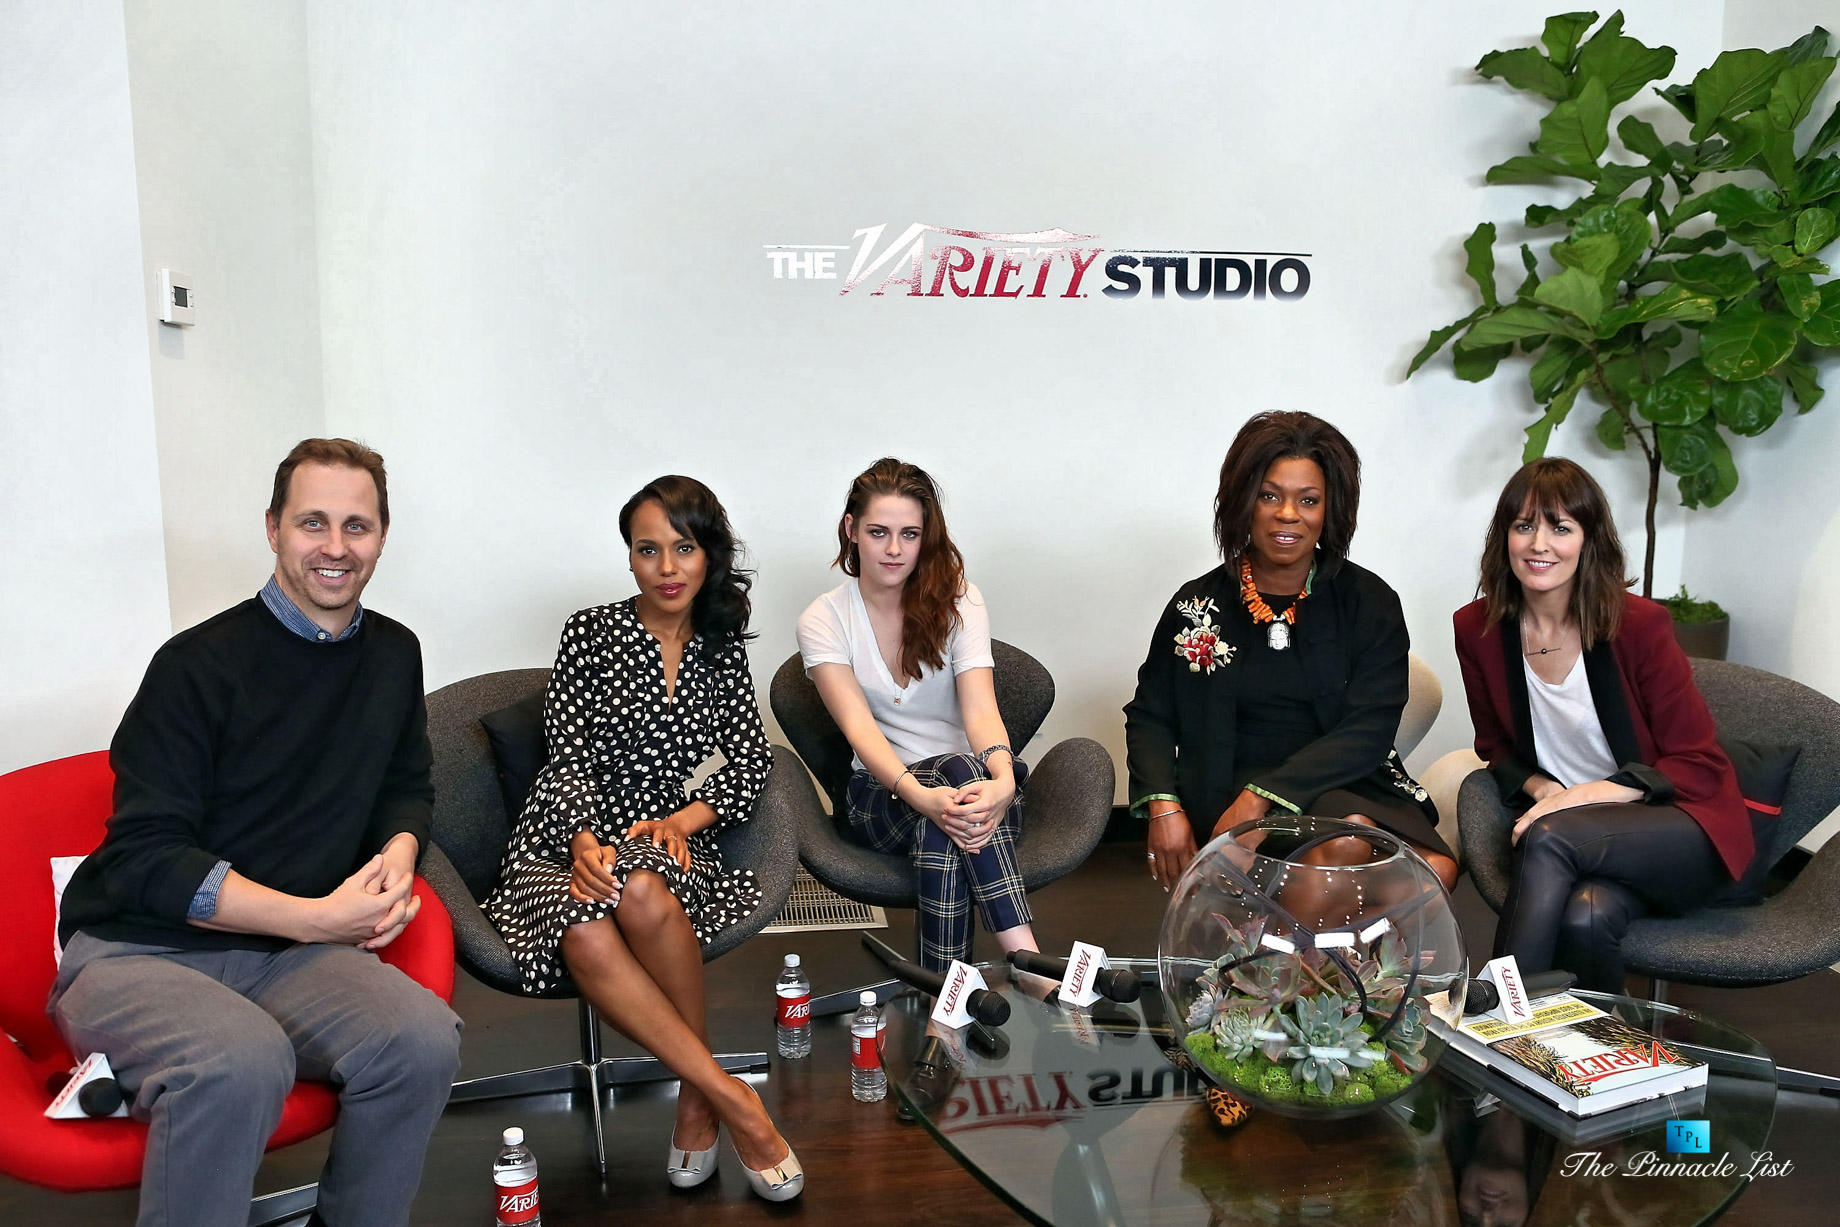 Kristen Stewart – Rosemarie DeWitt – Lorraine Toussaint – Kerry Washington – Rolls-Royce Hosts The Variety Studio Event in Beverly Hills, California